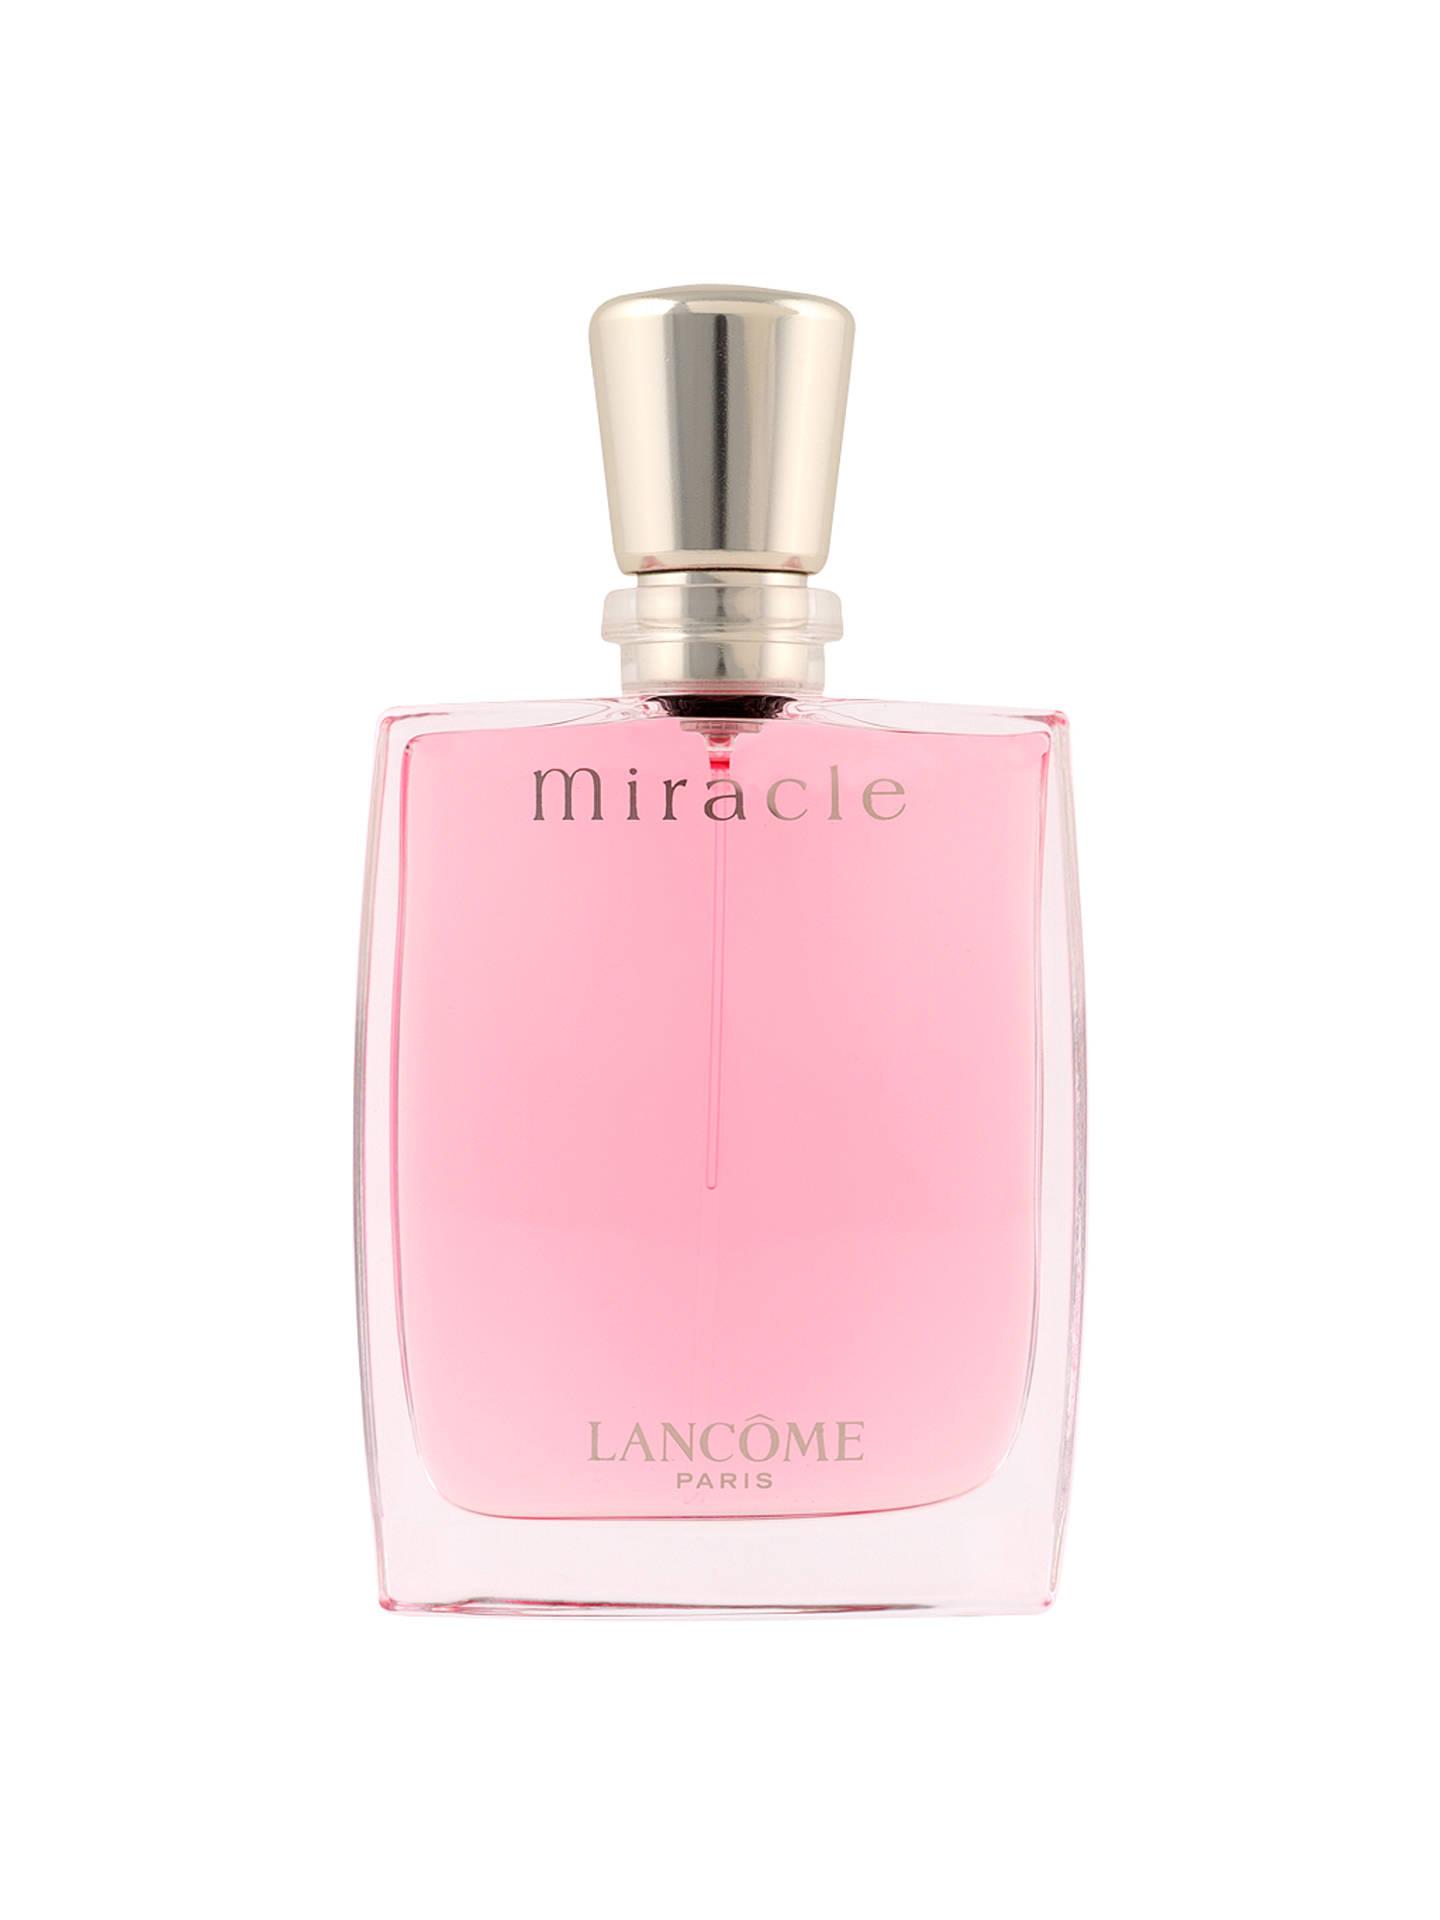 40e0d90e6 Buy Lancôme Miracle Eau de Parfum Spray, 30ml Online at johnlewis.com